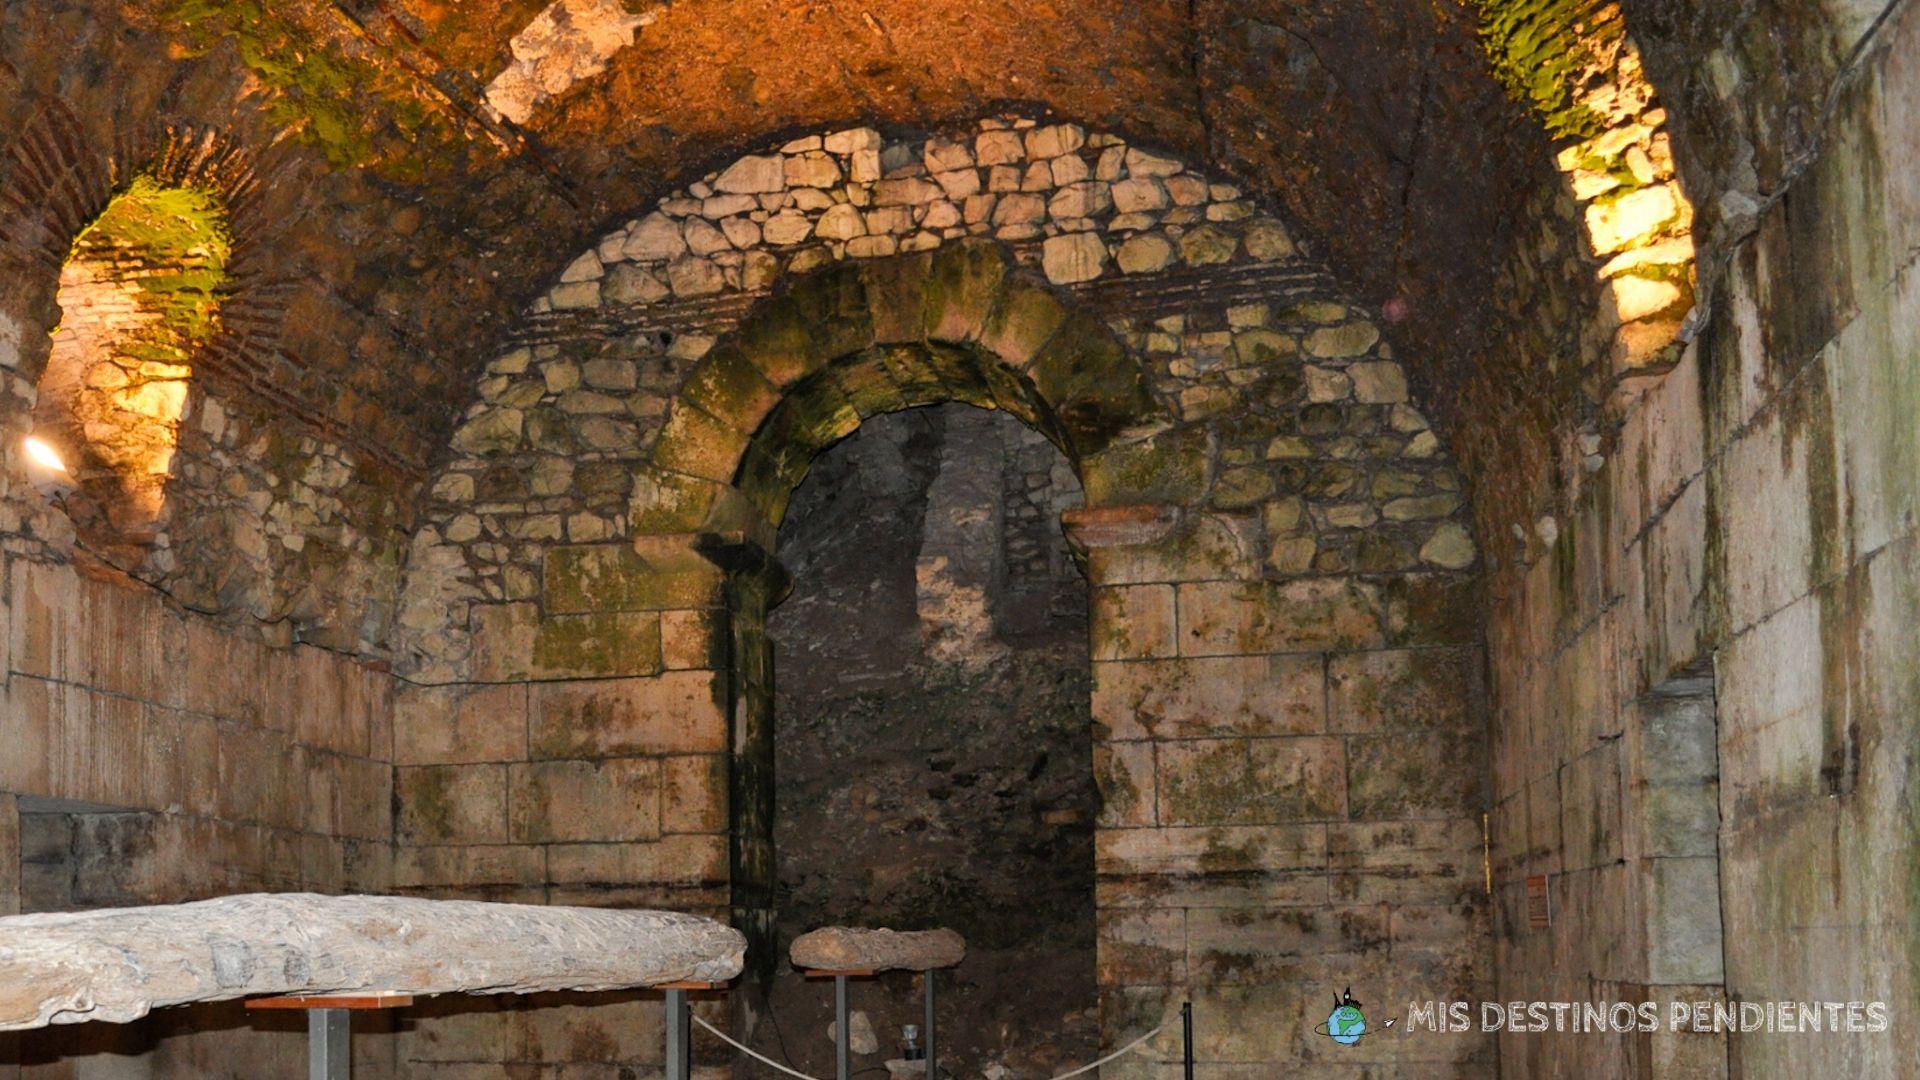 Sótanos del Palacio de Diocleciano (Split, Croacia)